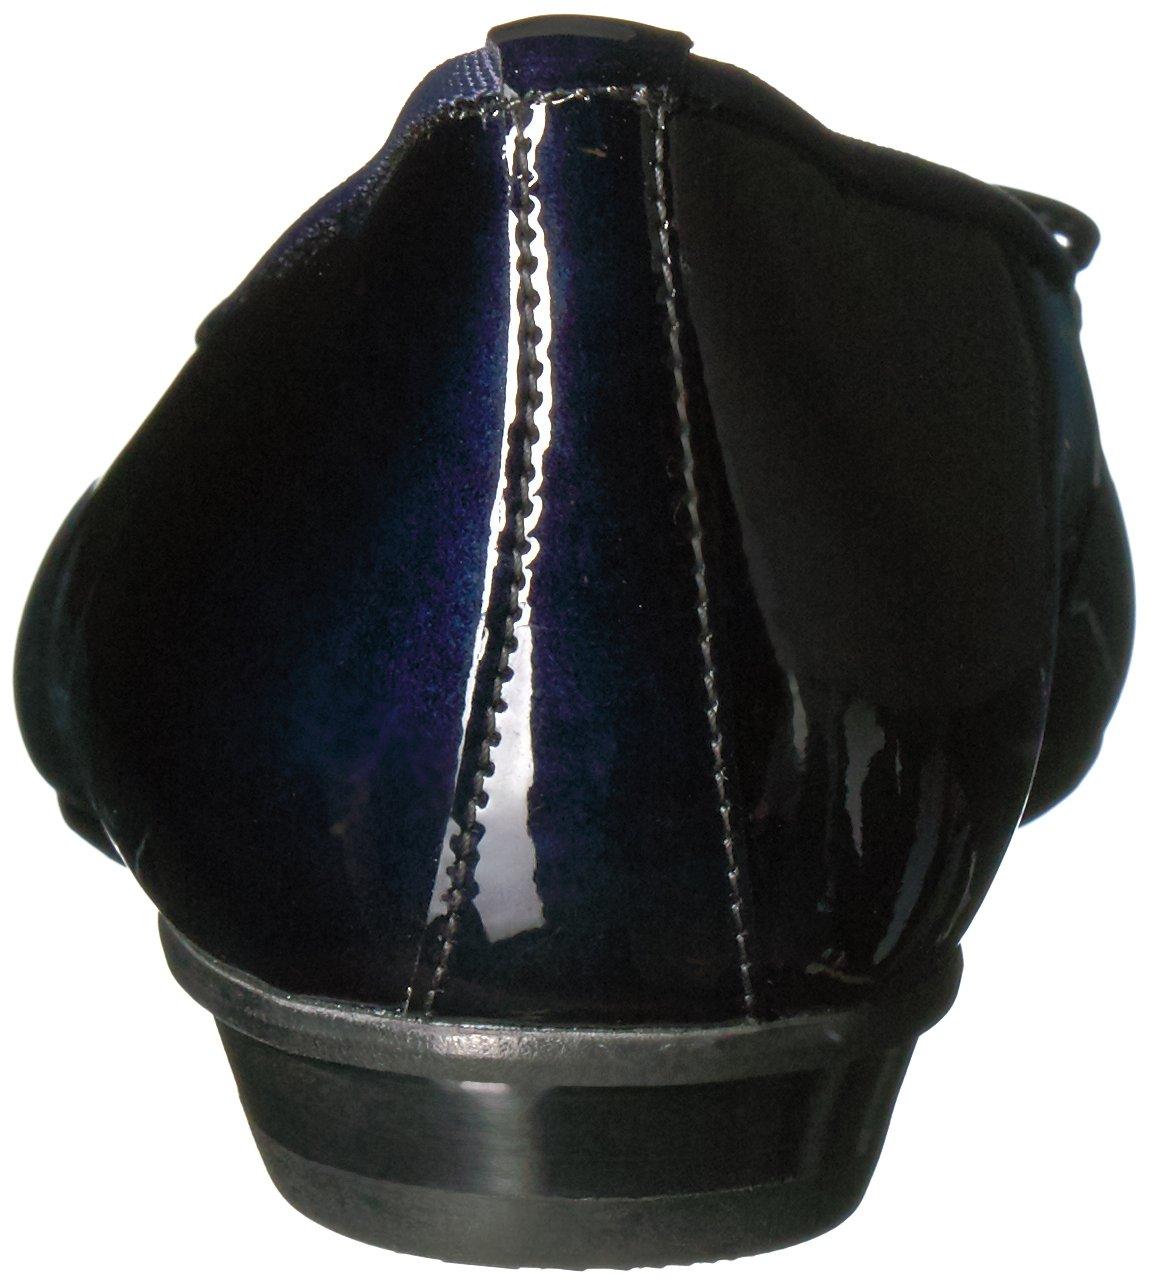 Paul Green Women's Emile Ballet Flat B01MY1F9Y0 10.5 B(M) US|Blue Steel Patent